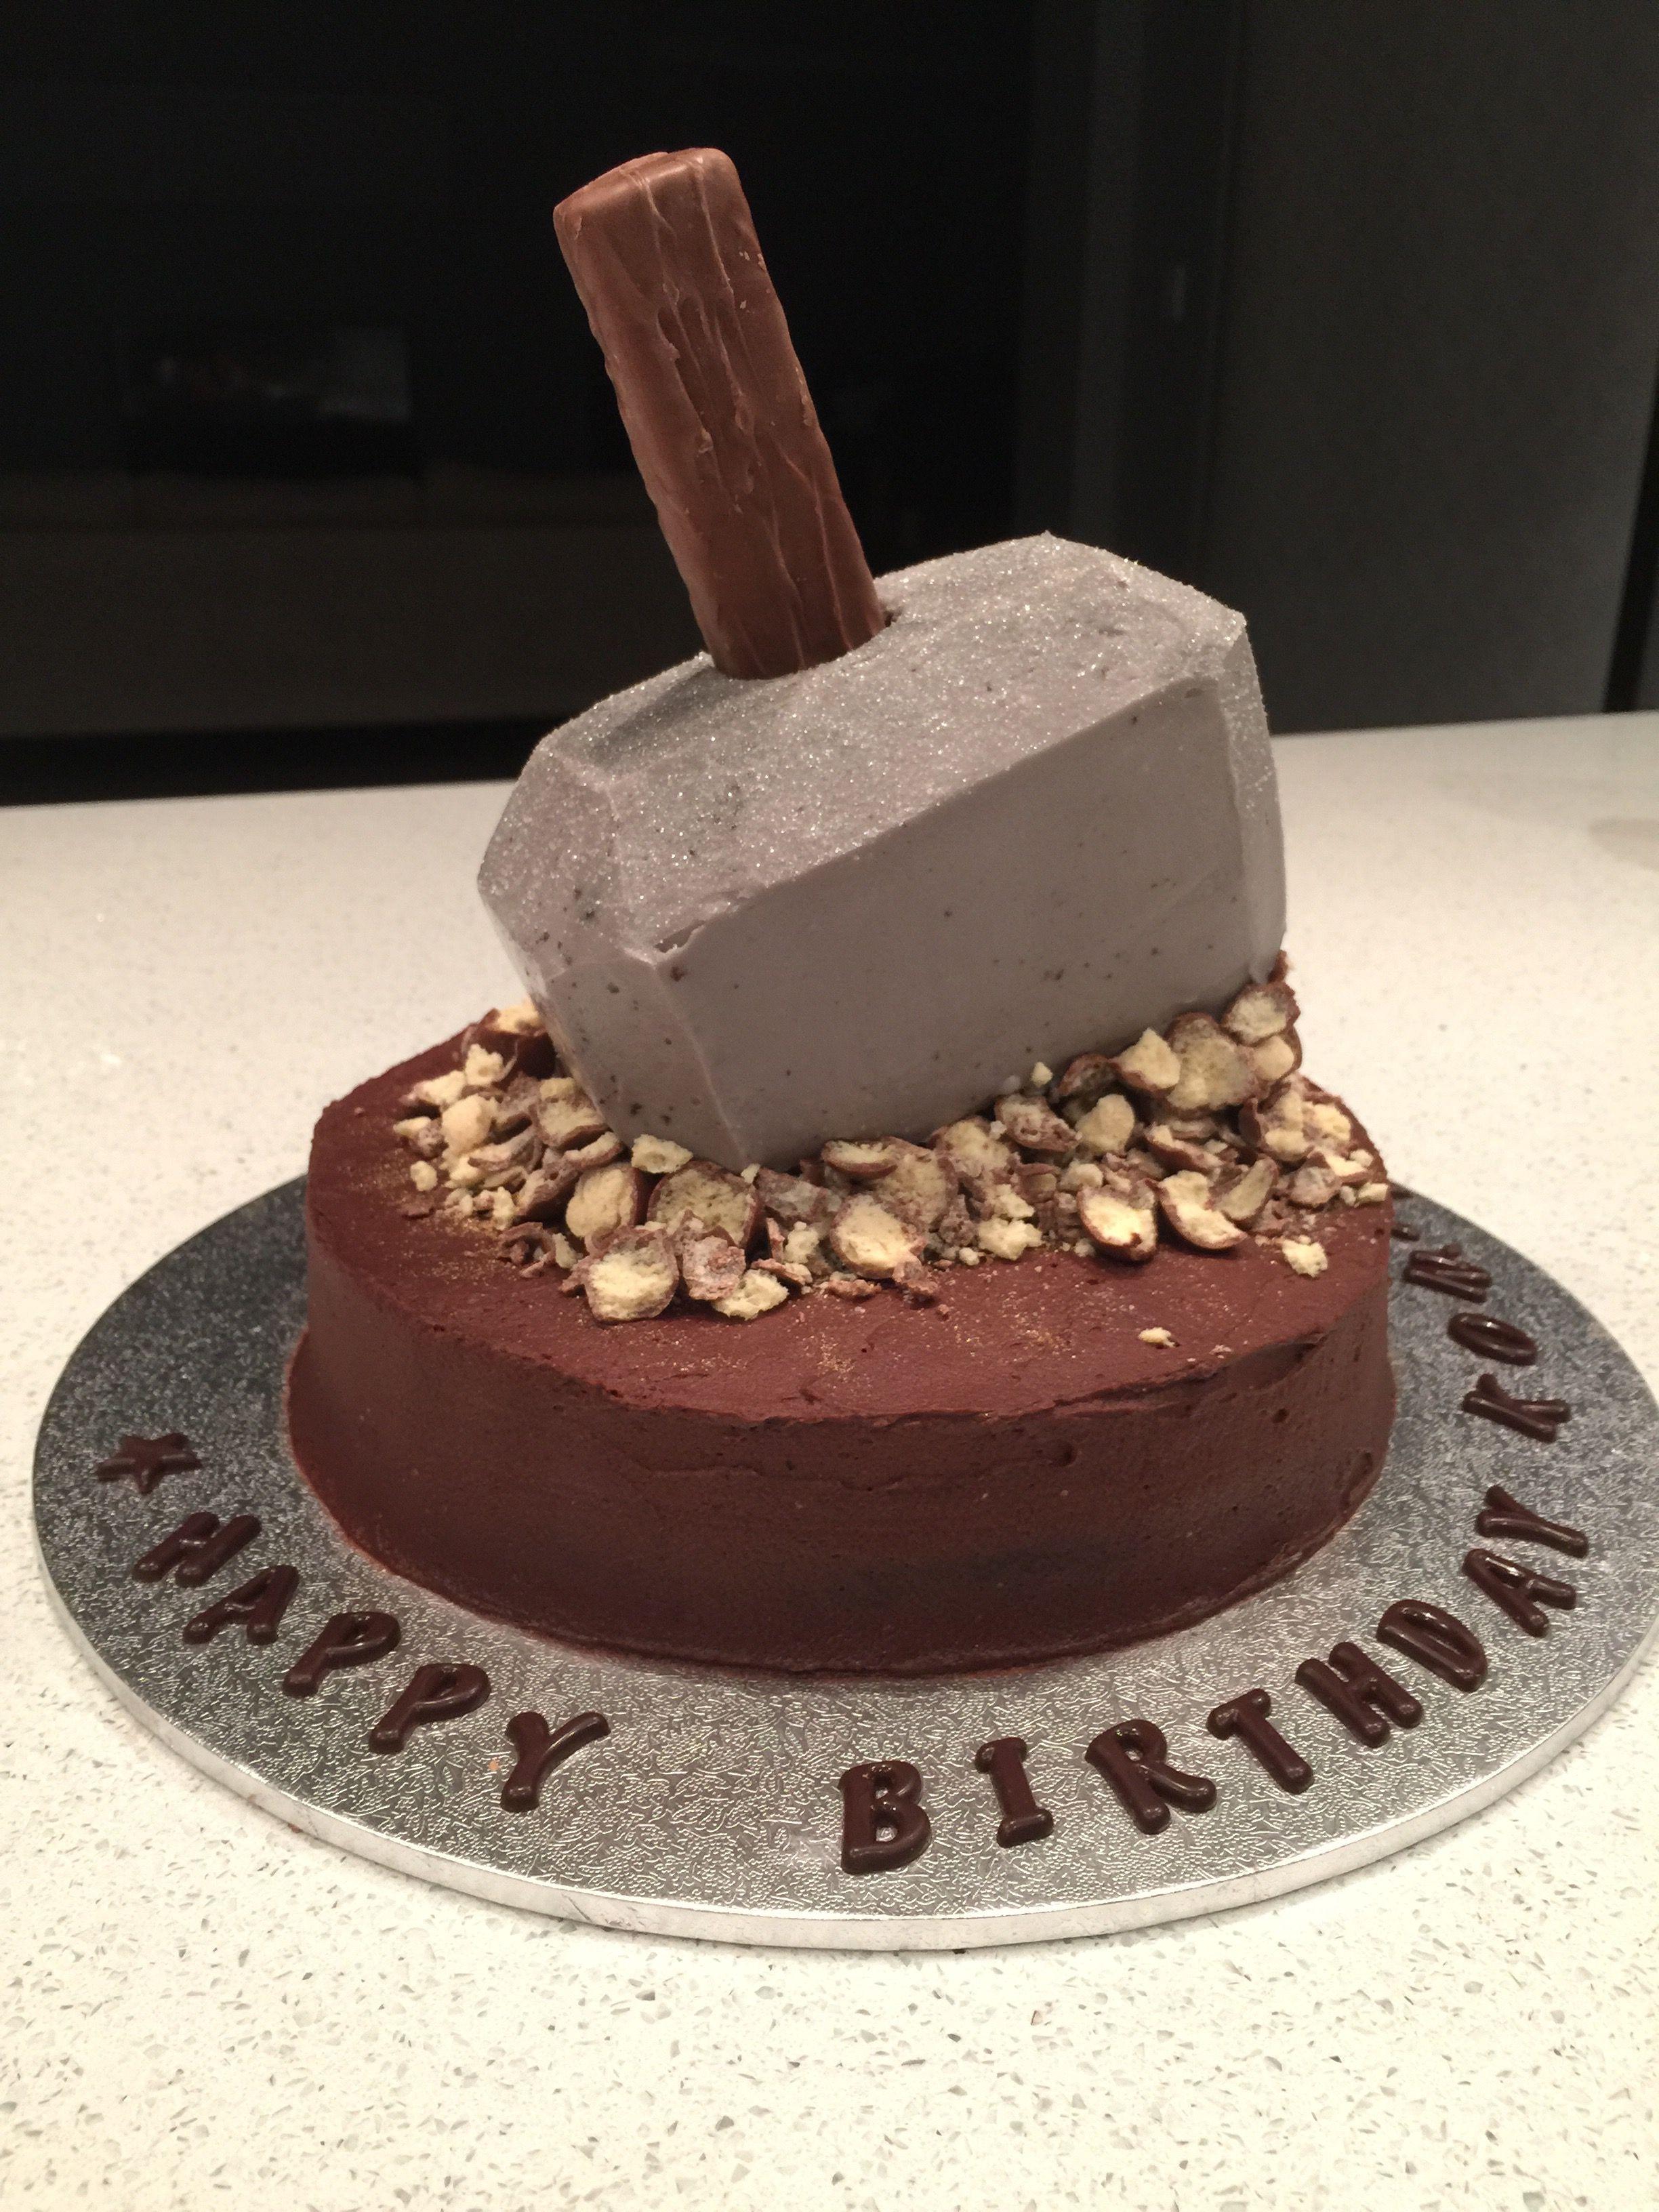 Thors Mjolnir Cake Base Mud Cake With Chocolate Mousse Hammer